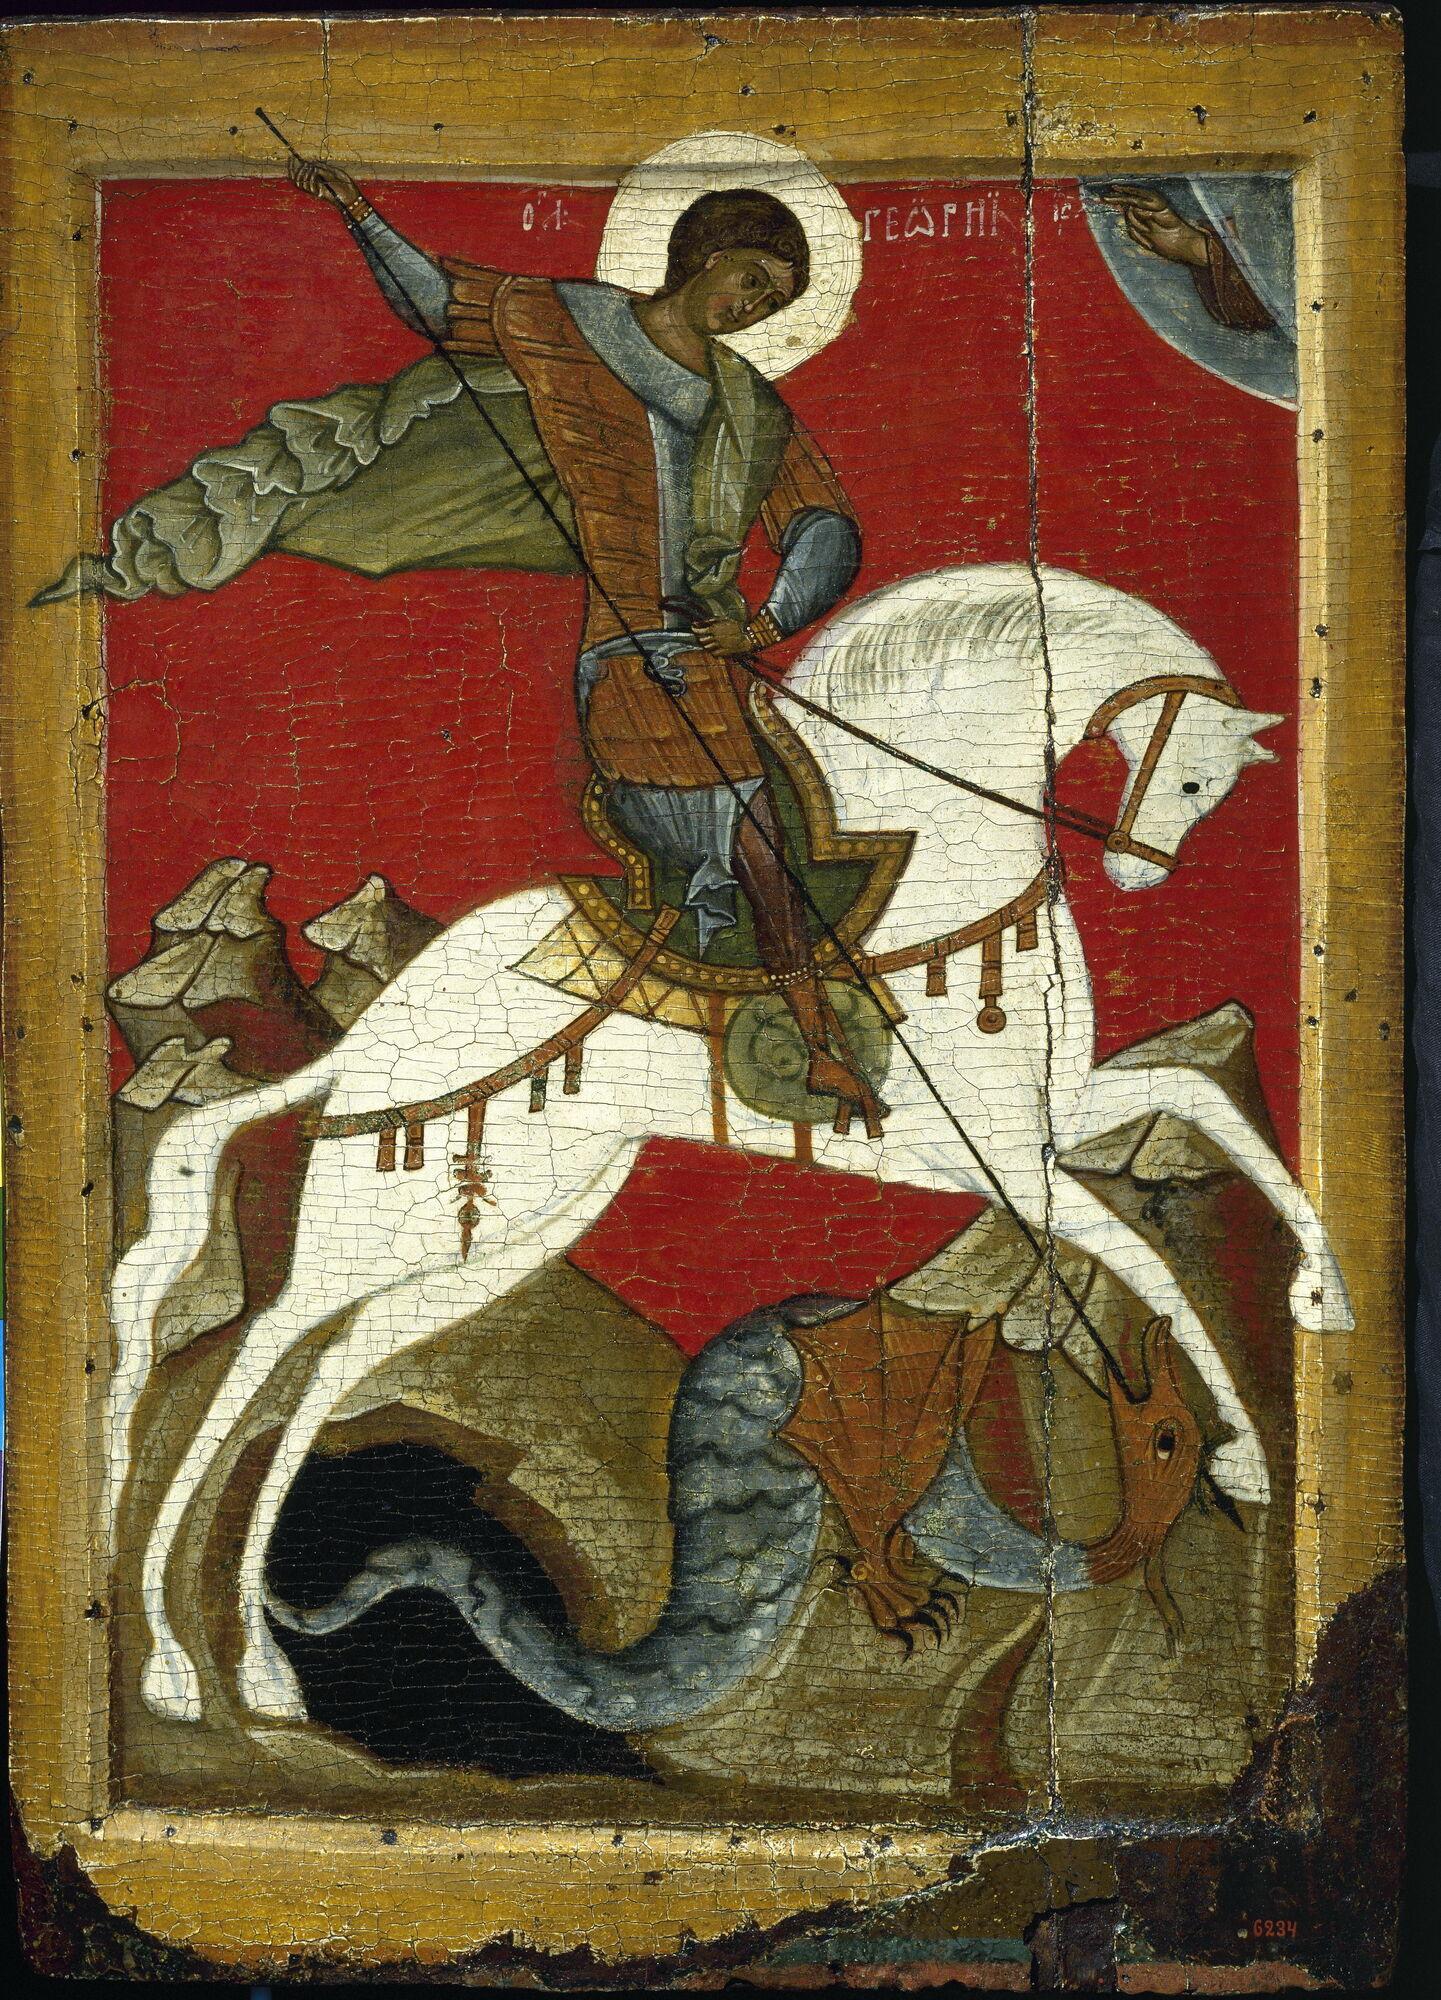 Георгий Победоносец жил в 3 столетии. Новгородская икона, конец 14 века